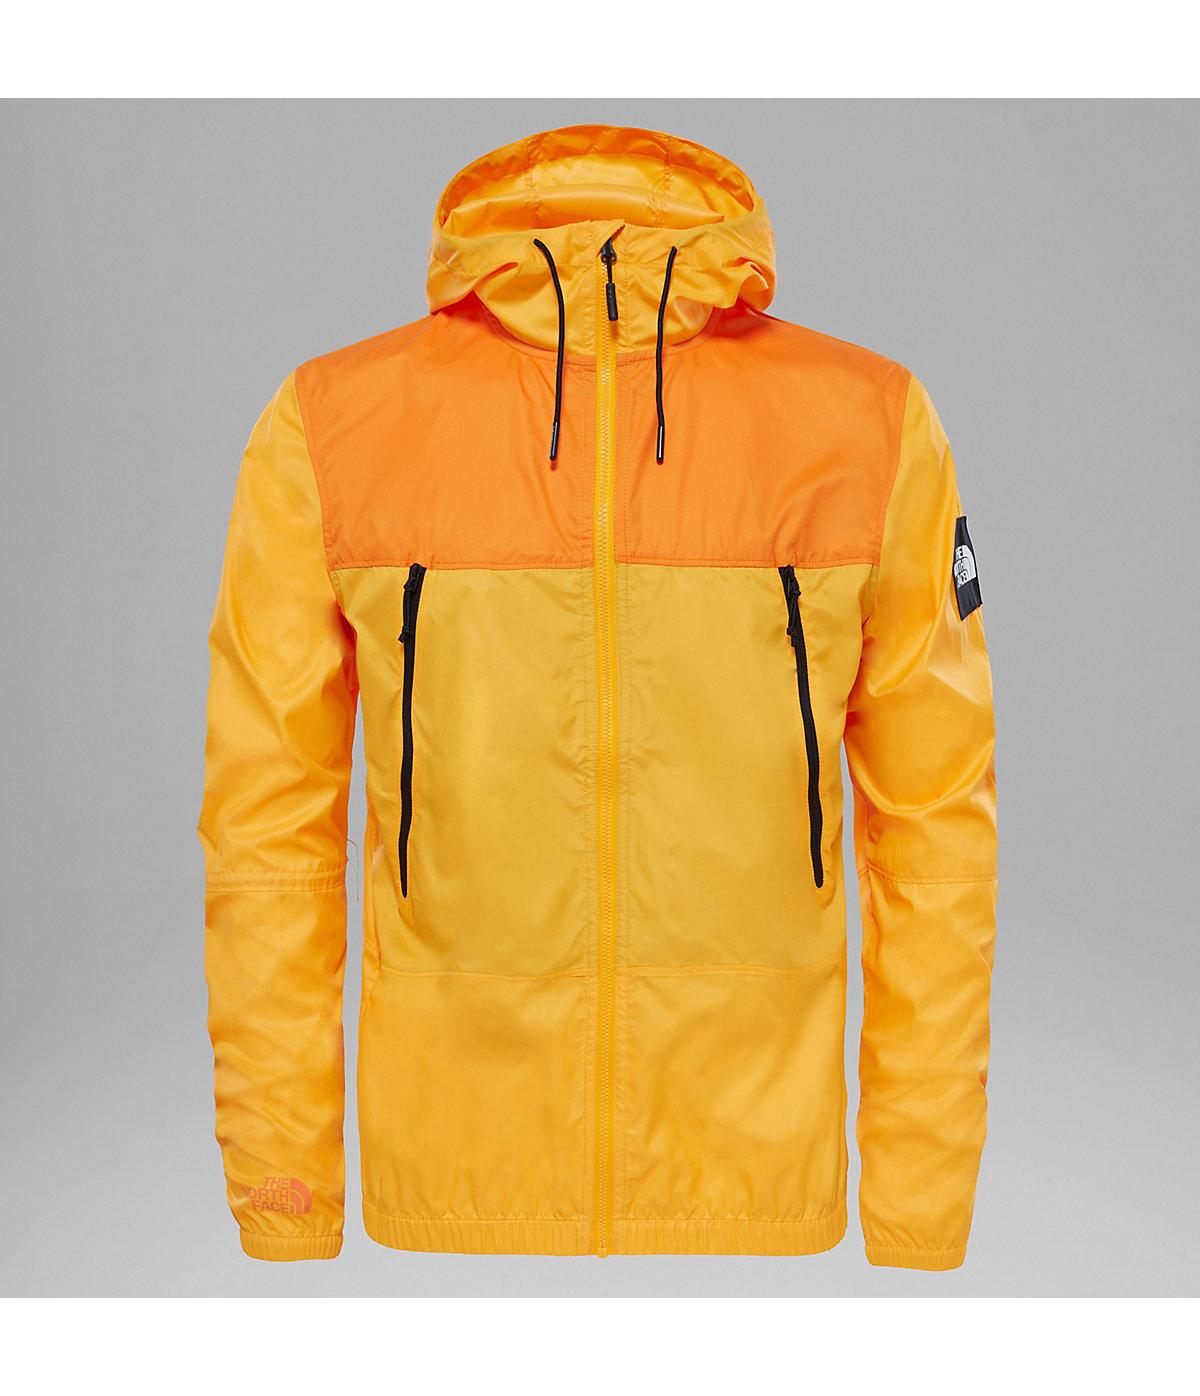 Куртка The North Face 1990 Seasonal Mountain